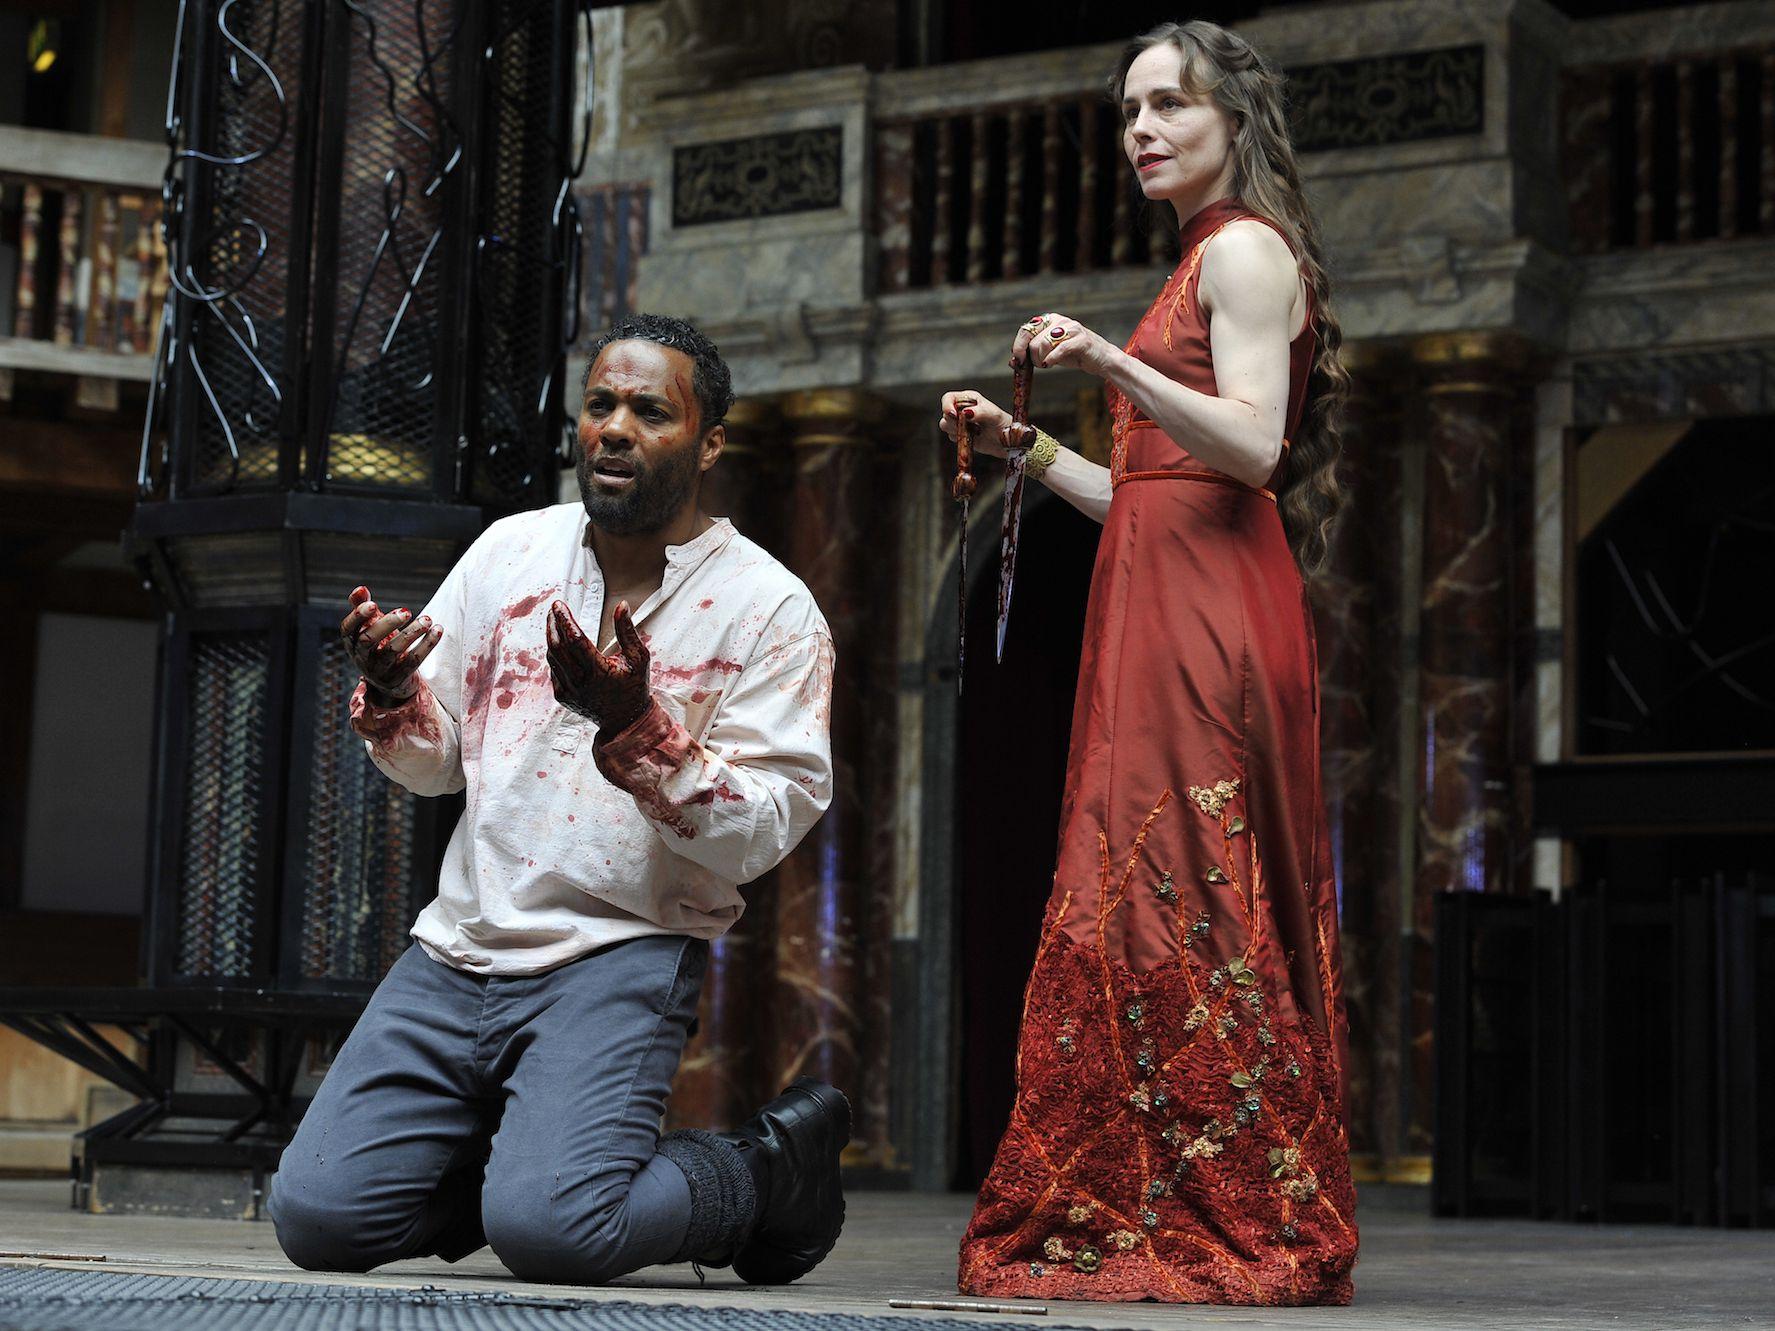 macbeth act 2 scene 1 no fear